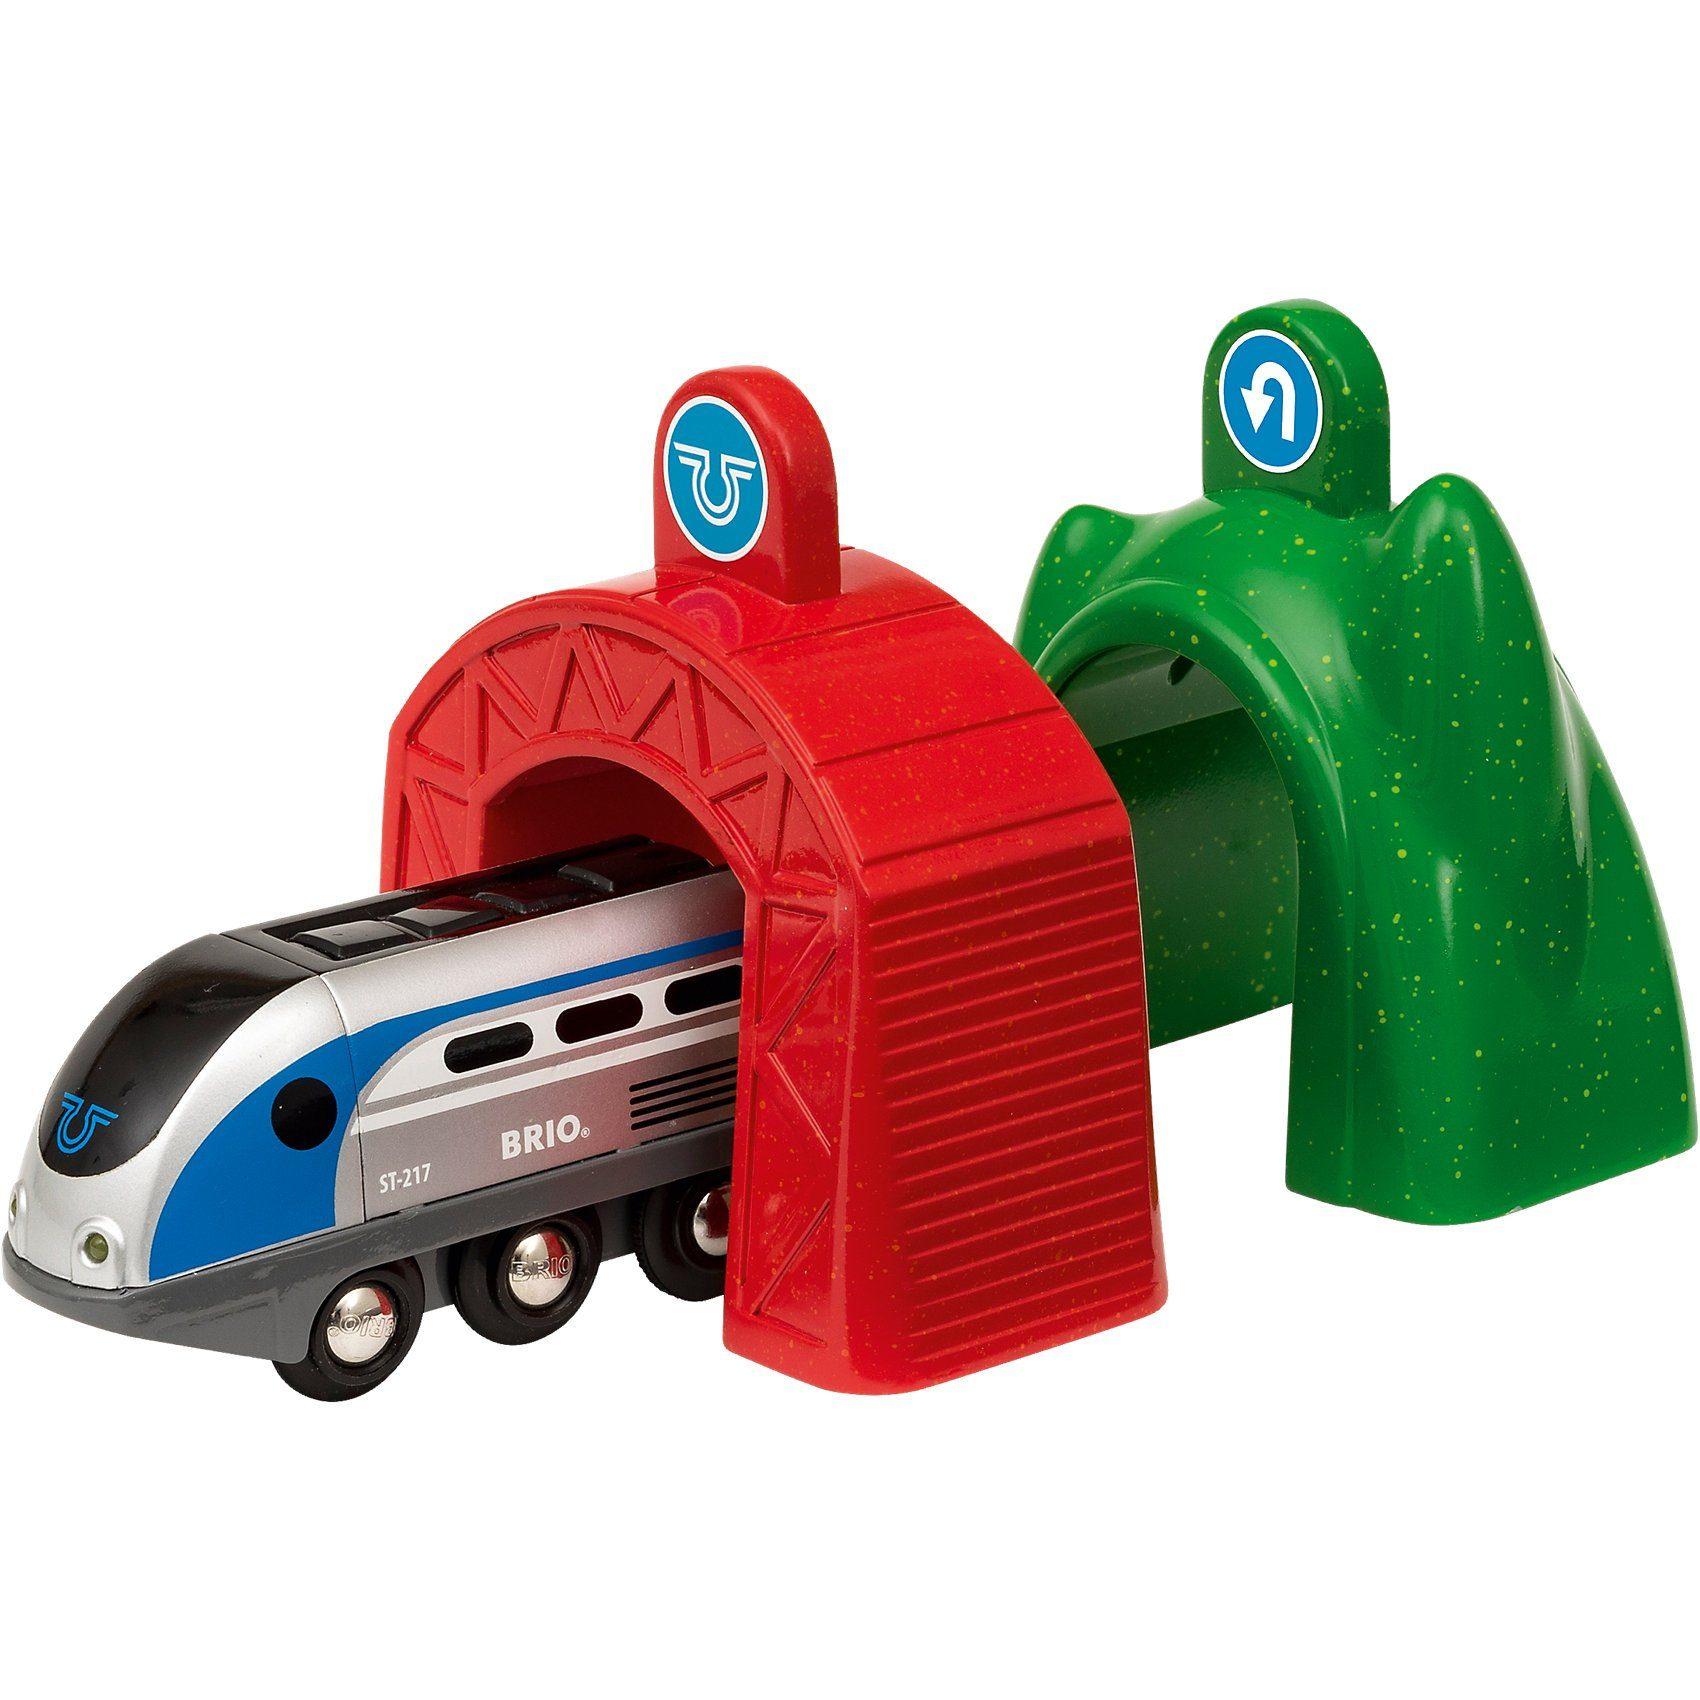 BRIO Smart Tech Zug mit Action Tunnels